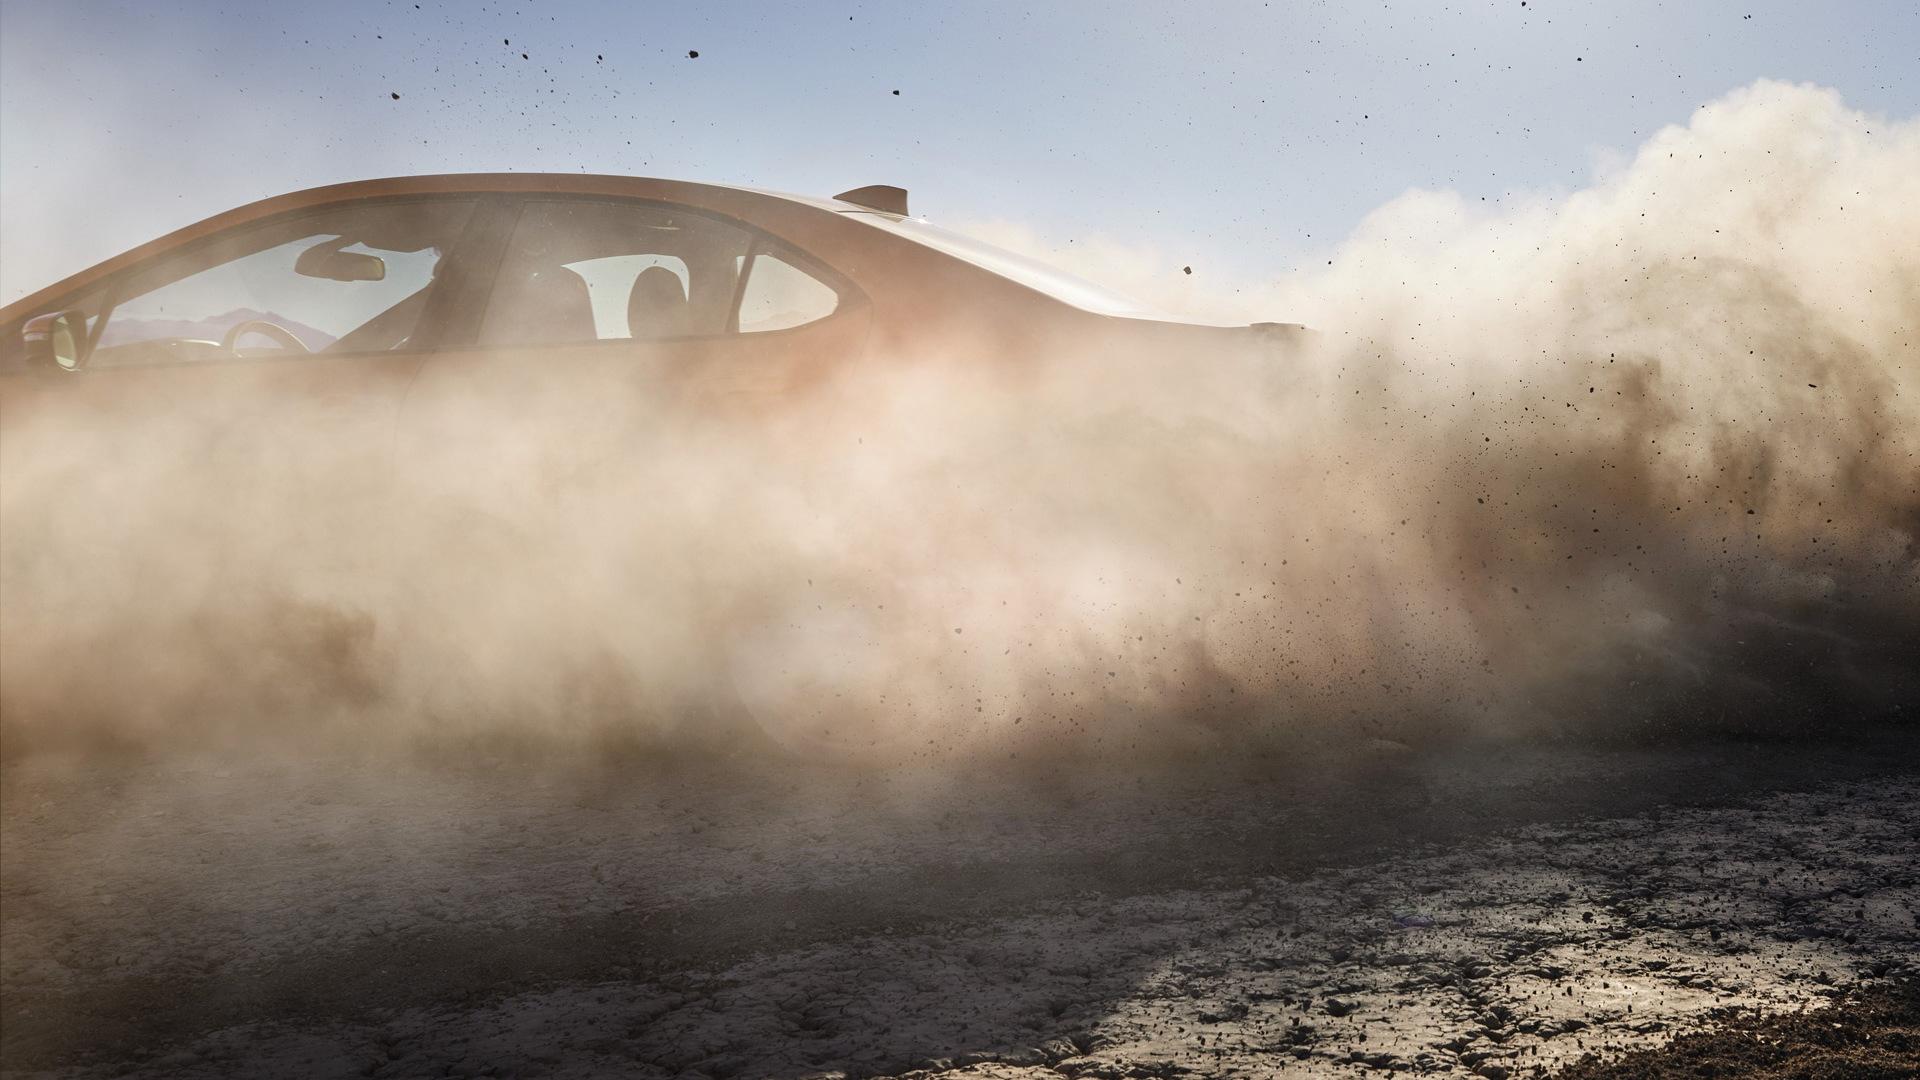 2022 Subaru WRX teased ahead of Sept. 10 reveal